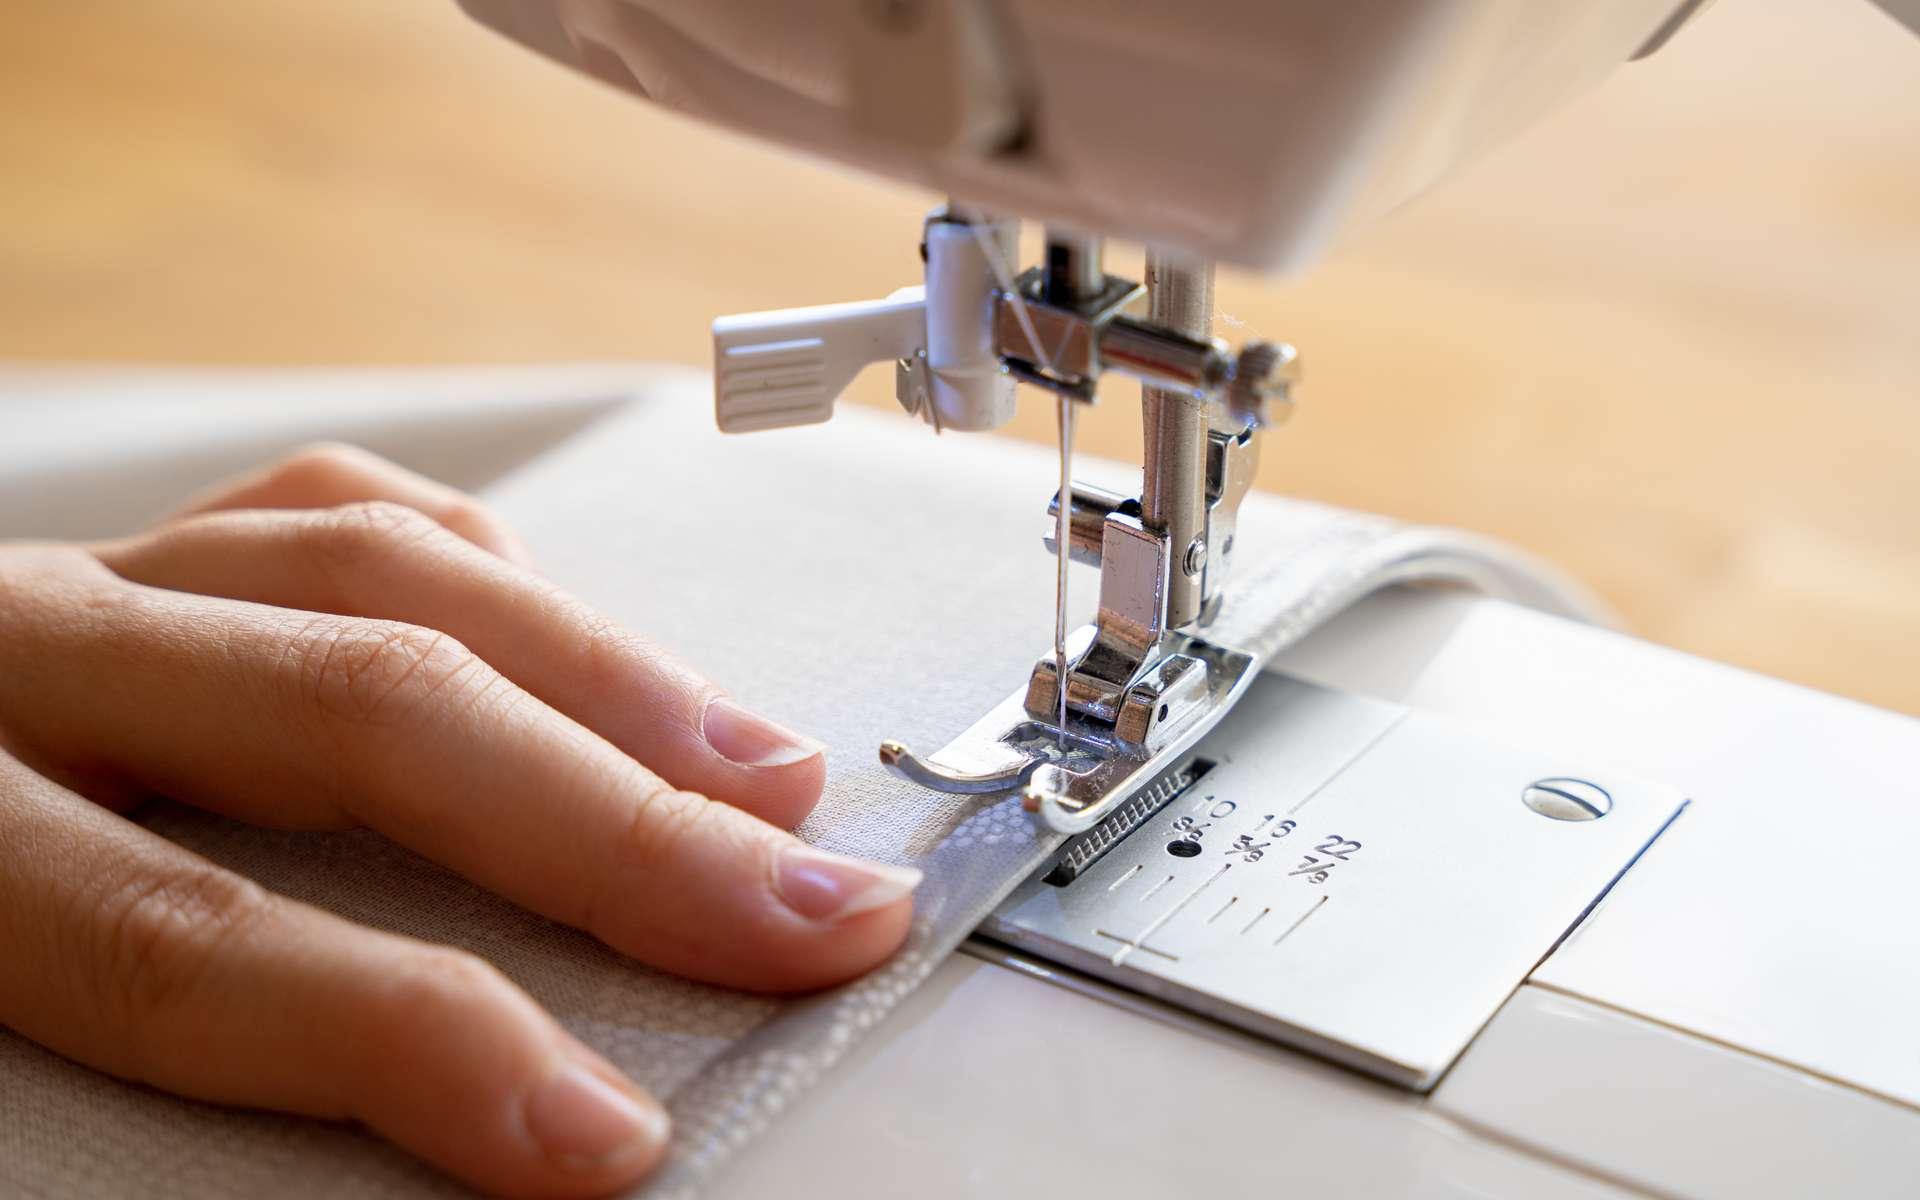 Trois marques de machine à coudre pour amateur ou professionnel. © pixelfreund, Adobe Stock